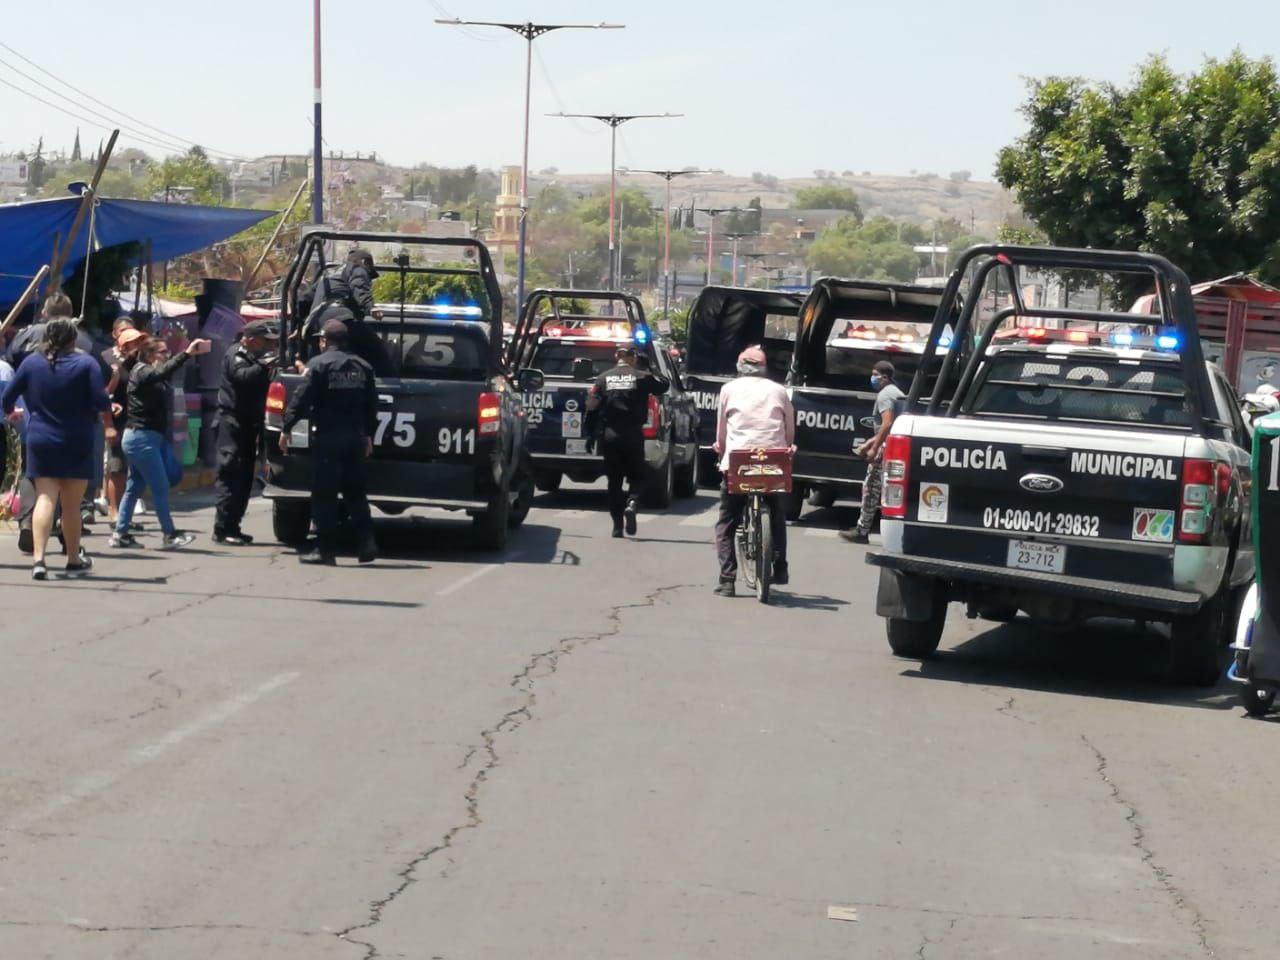 REPORTAN ENFRENTAMIENTO ENTRE COMERCIANTES Y POLICÍAS EN VALLE DE CHALCO